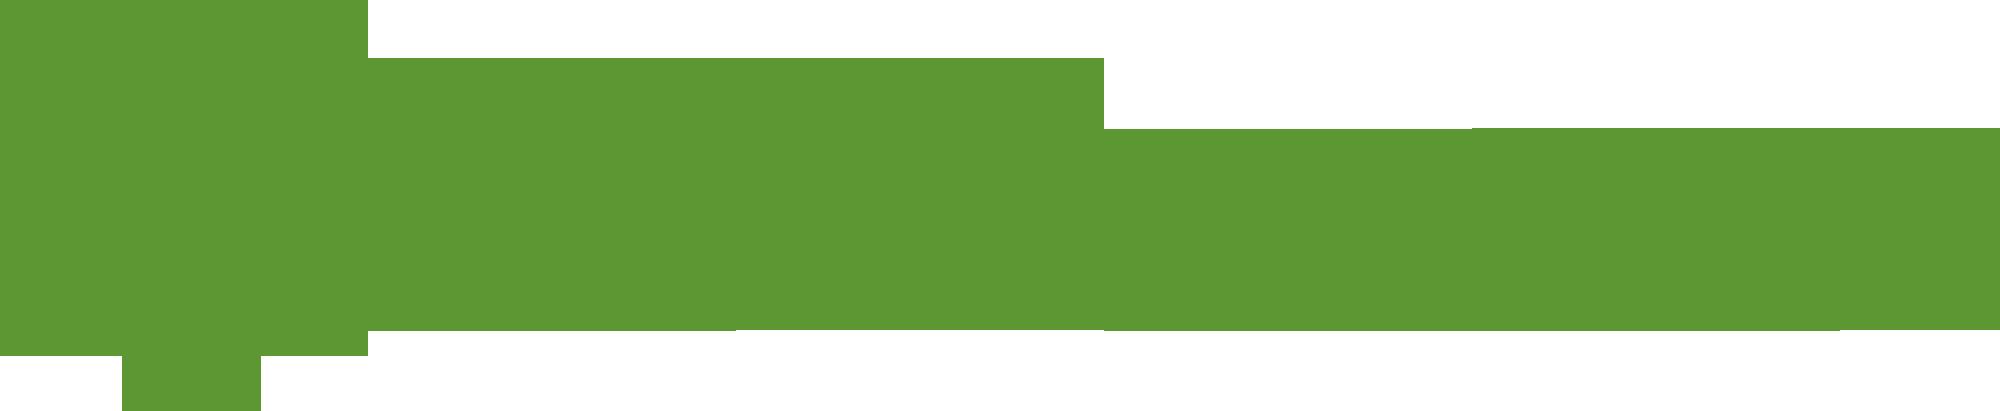 Druva CloudRanger logo